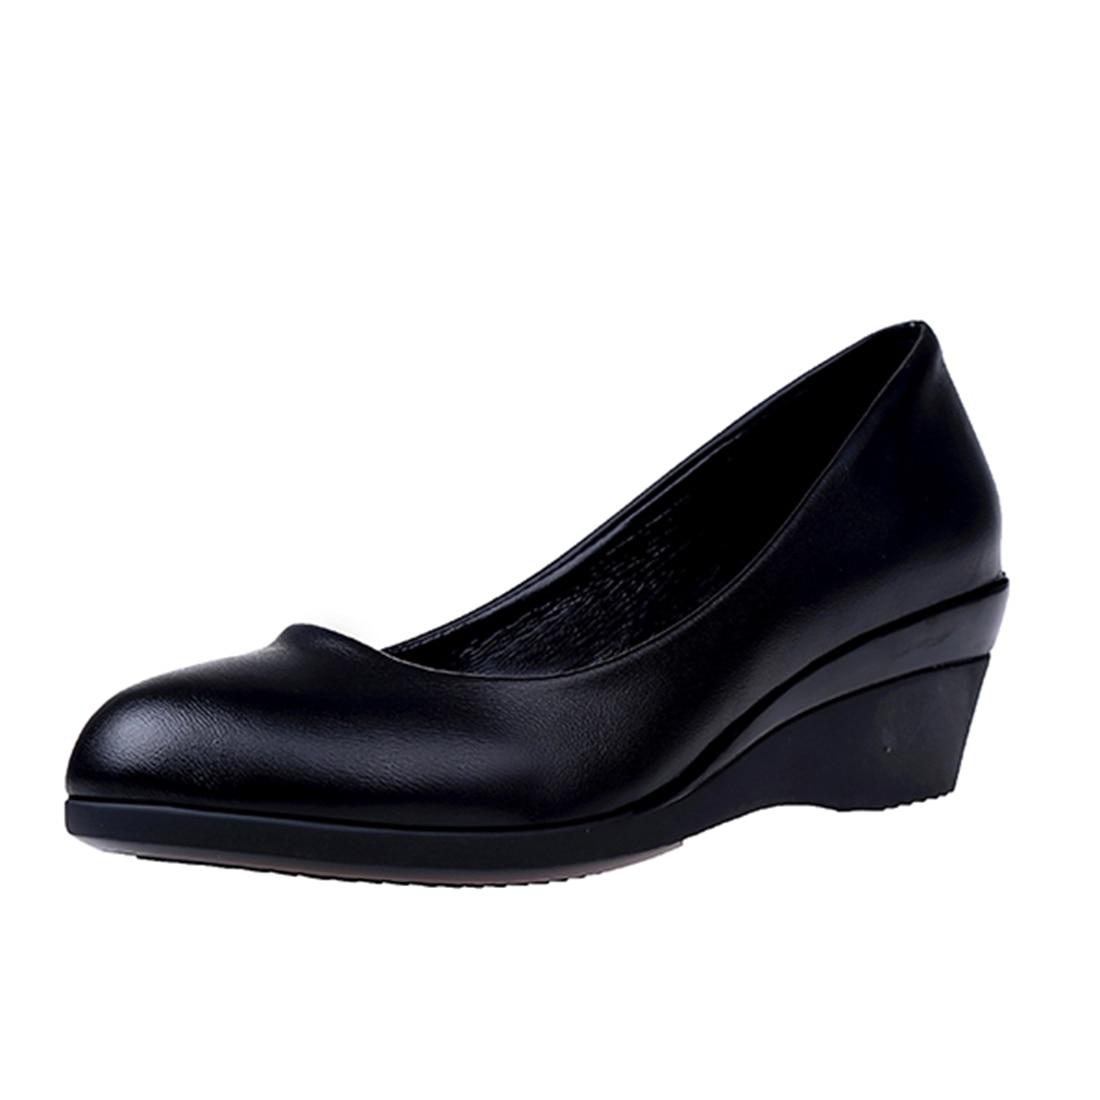 Dames Bureau Profonde Solide Couleur Femme Ol Travail Peu Femmes Casual talons bright Black Les Matte Chaussures Mid Black Wedge Formelle Classique Cour xOECwgwaXn